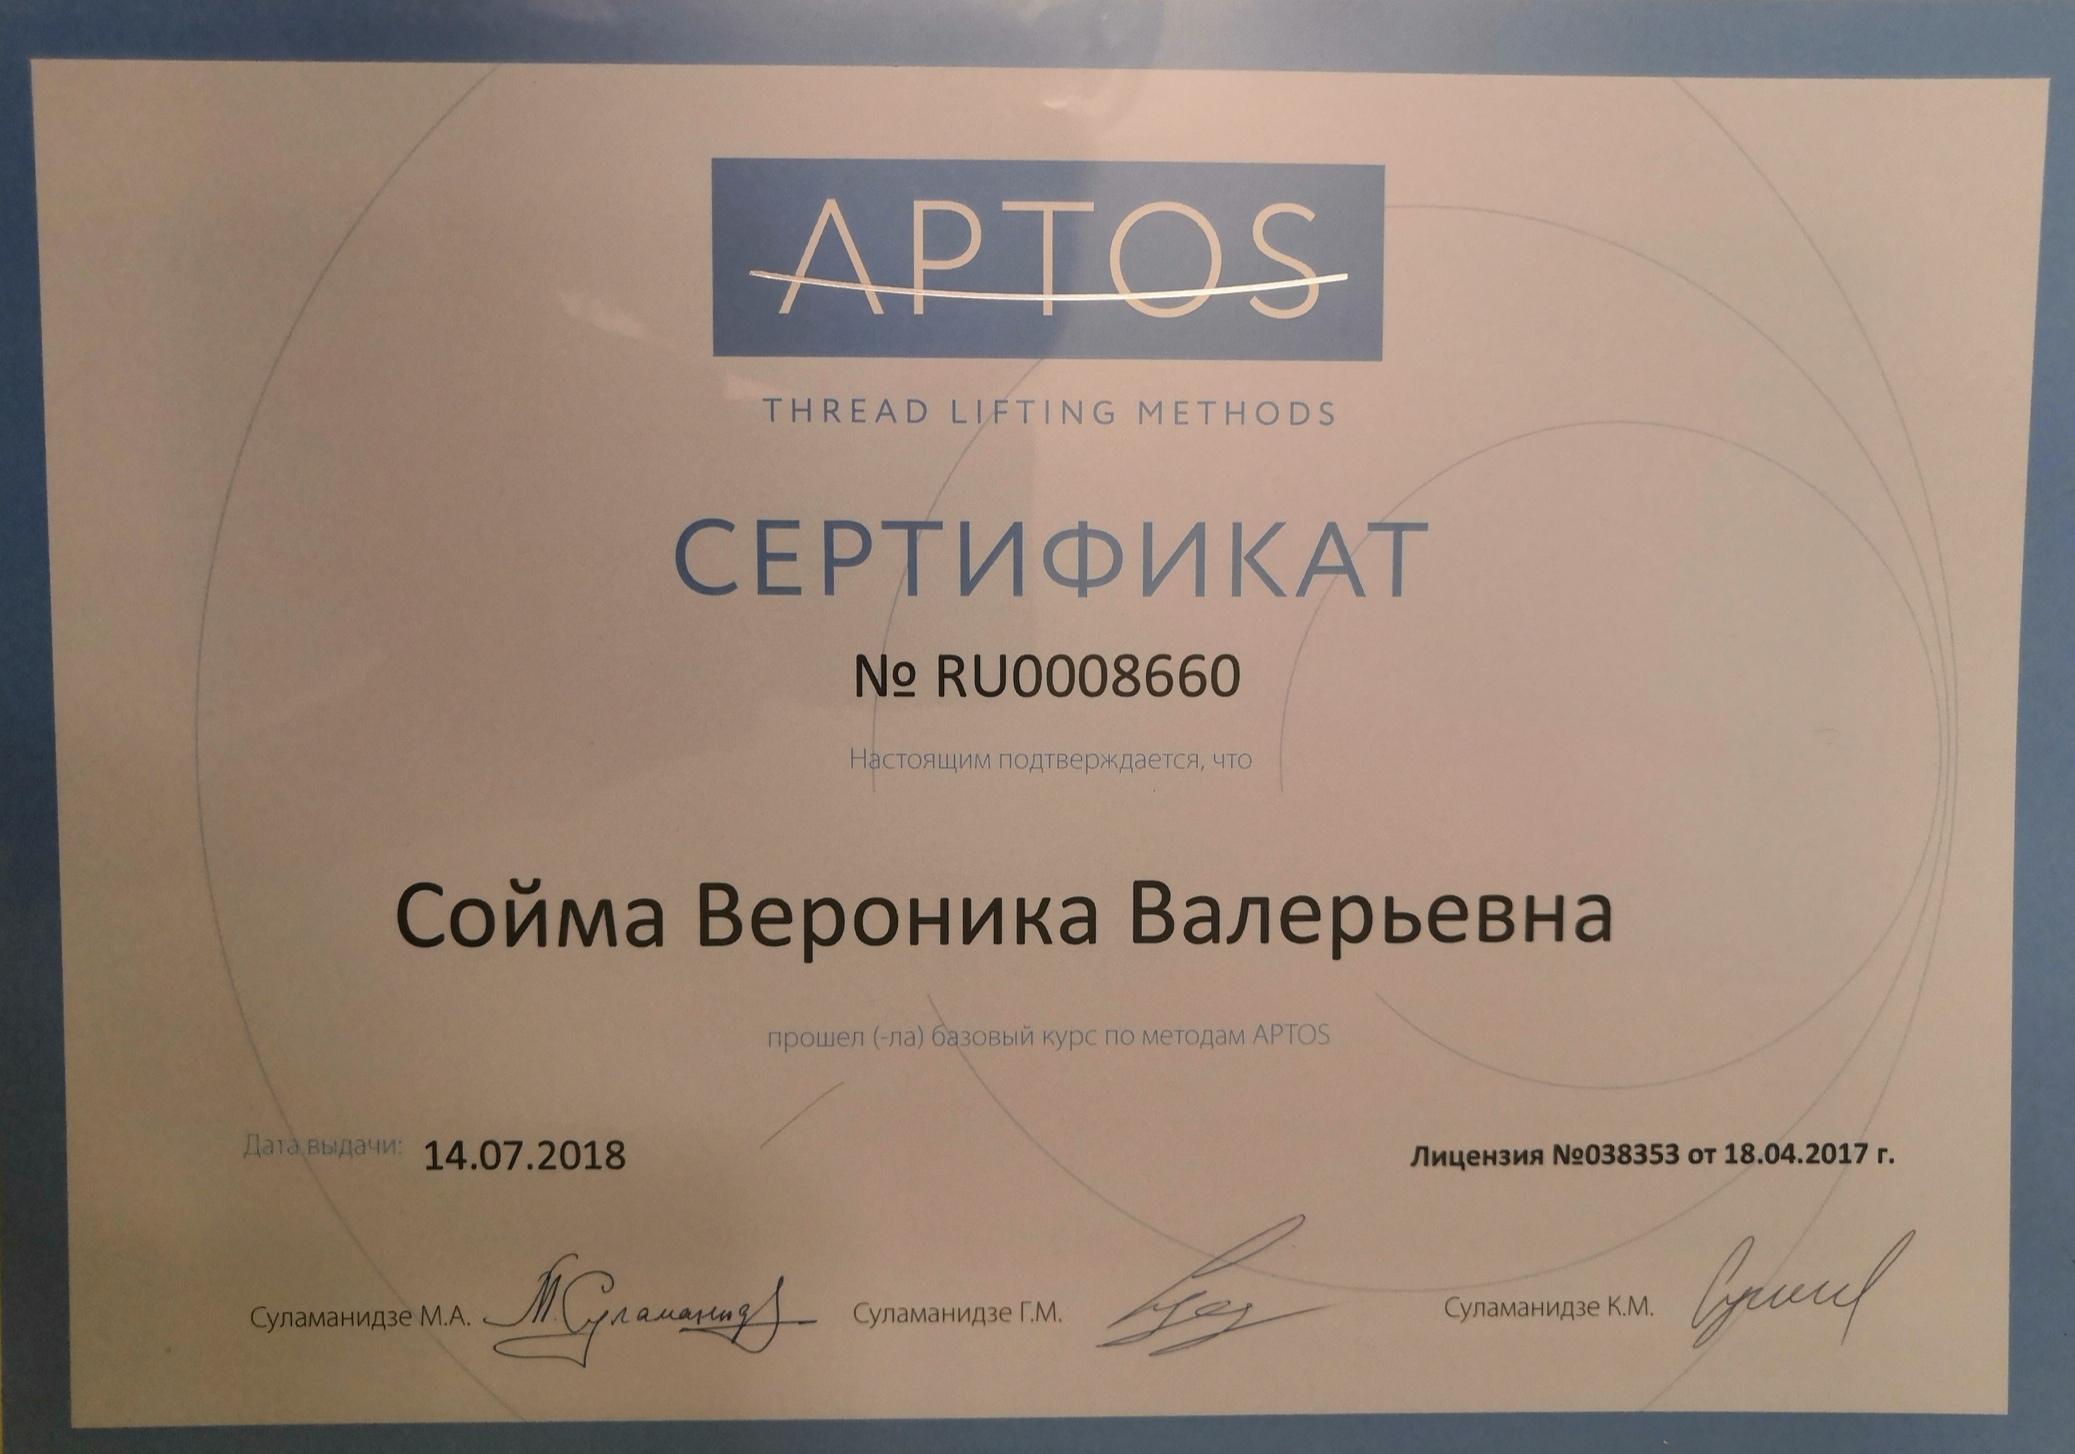 2018, Базовый курс по методам APTOS